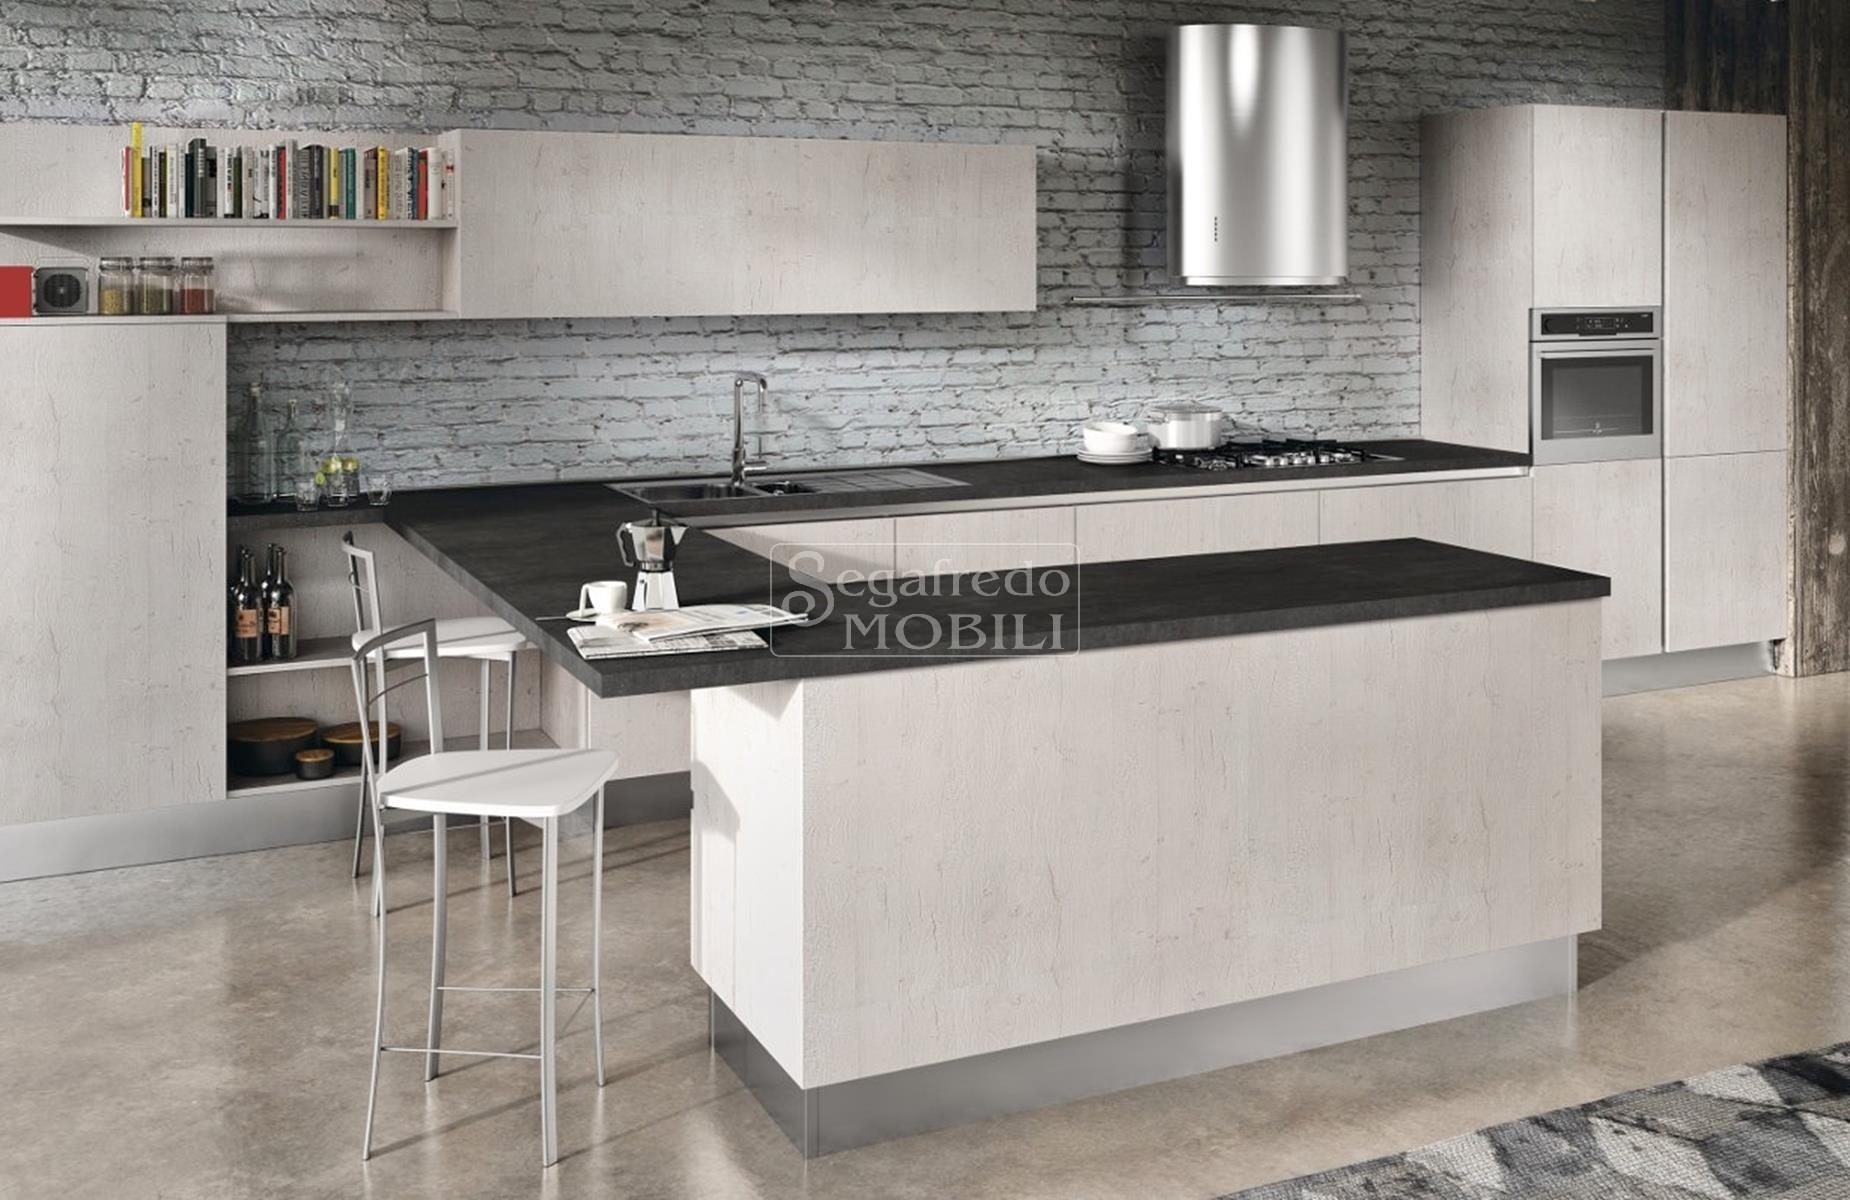 Mobilifici a genova scavolini mobili with mobilifici a - Mobili cucina genova ...